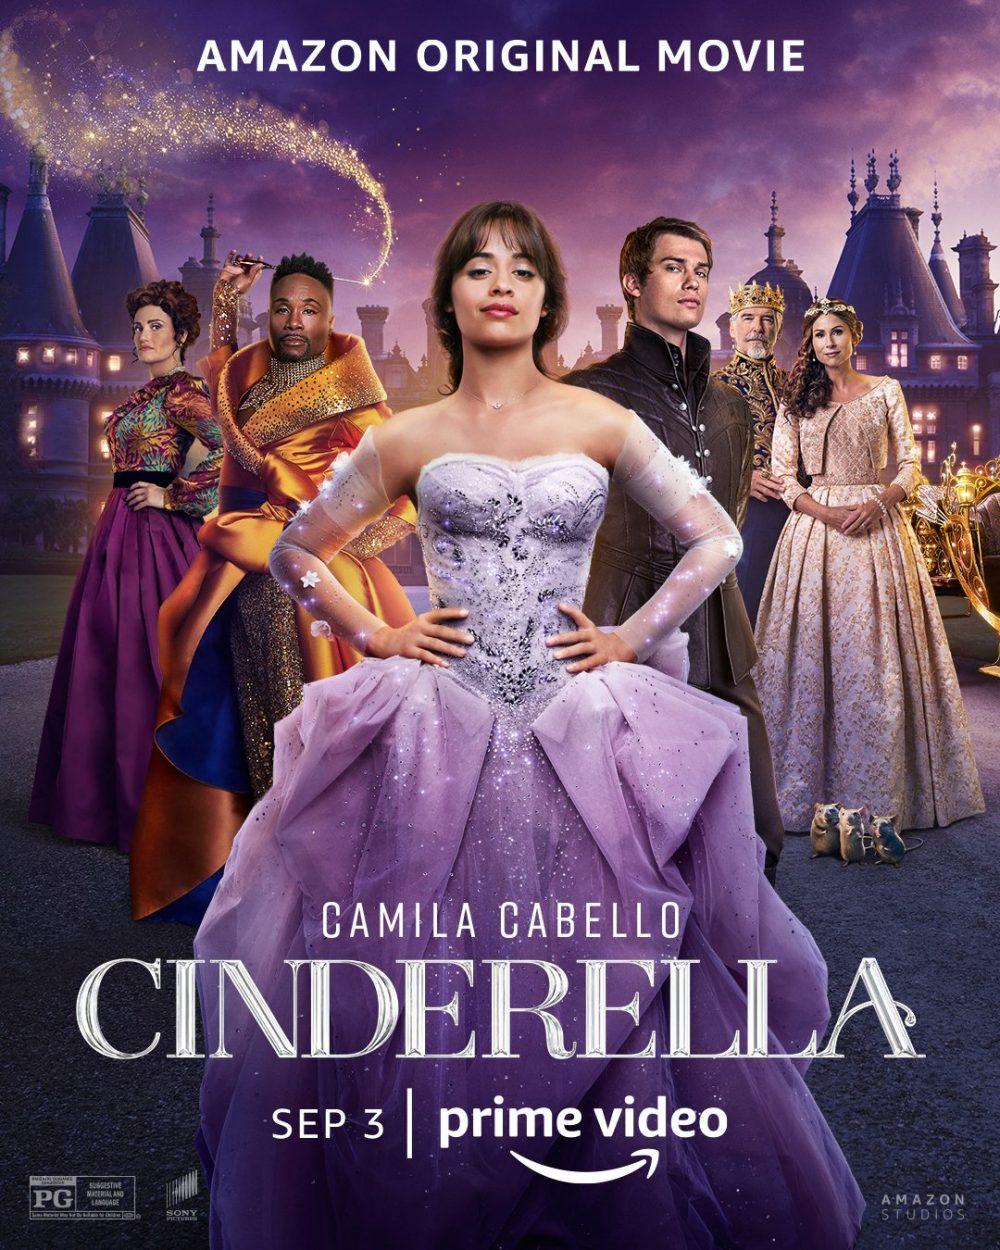 Cinderella với nội dung mới lạ hơn và thời trang hơn